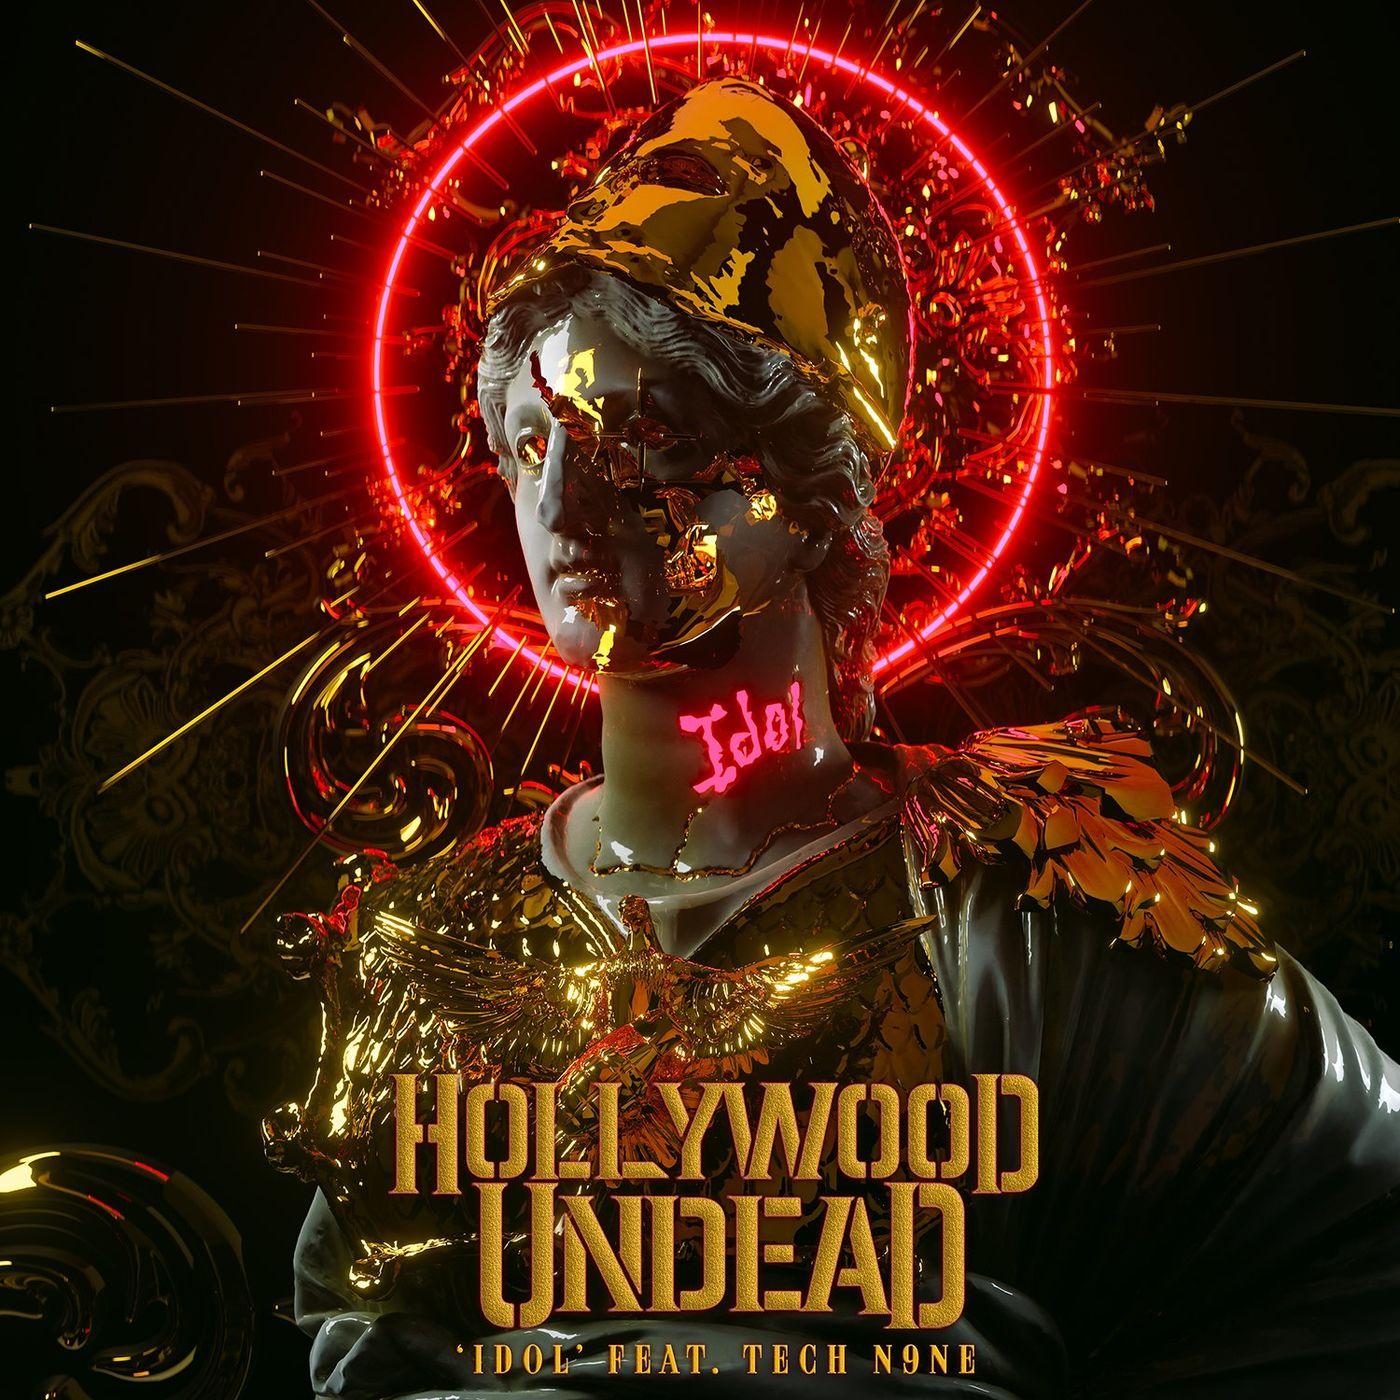 Hollywood Undead - Idol (feat. Tech N9ne) [single] (2020)